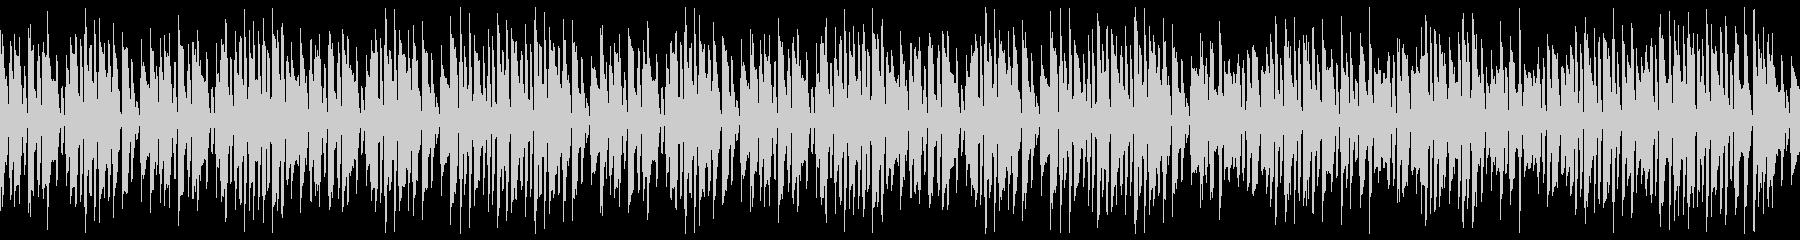 リコーダーで名曲エンターテイナー(ループの未再生の波形